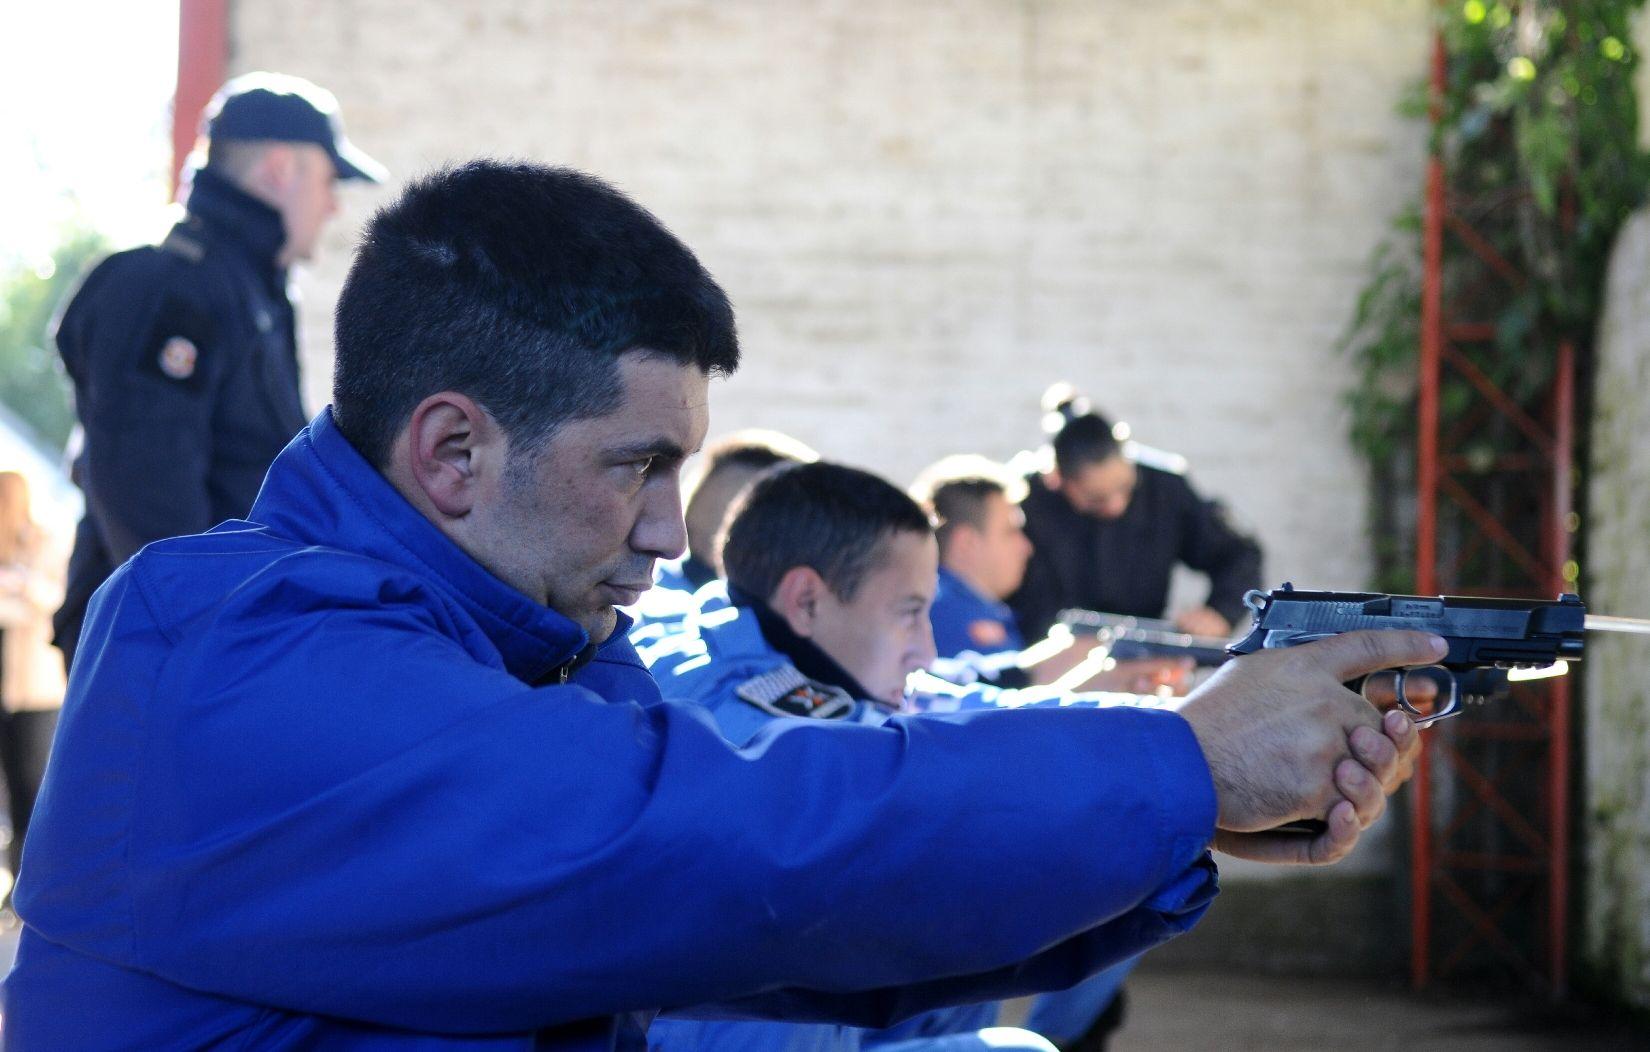 Bochazo en la Bonaerense: mandaron de vuelta al colegio a los cadetes